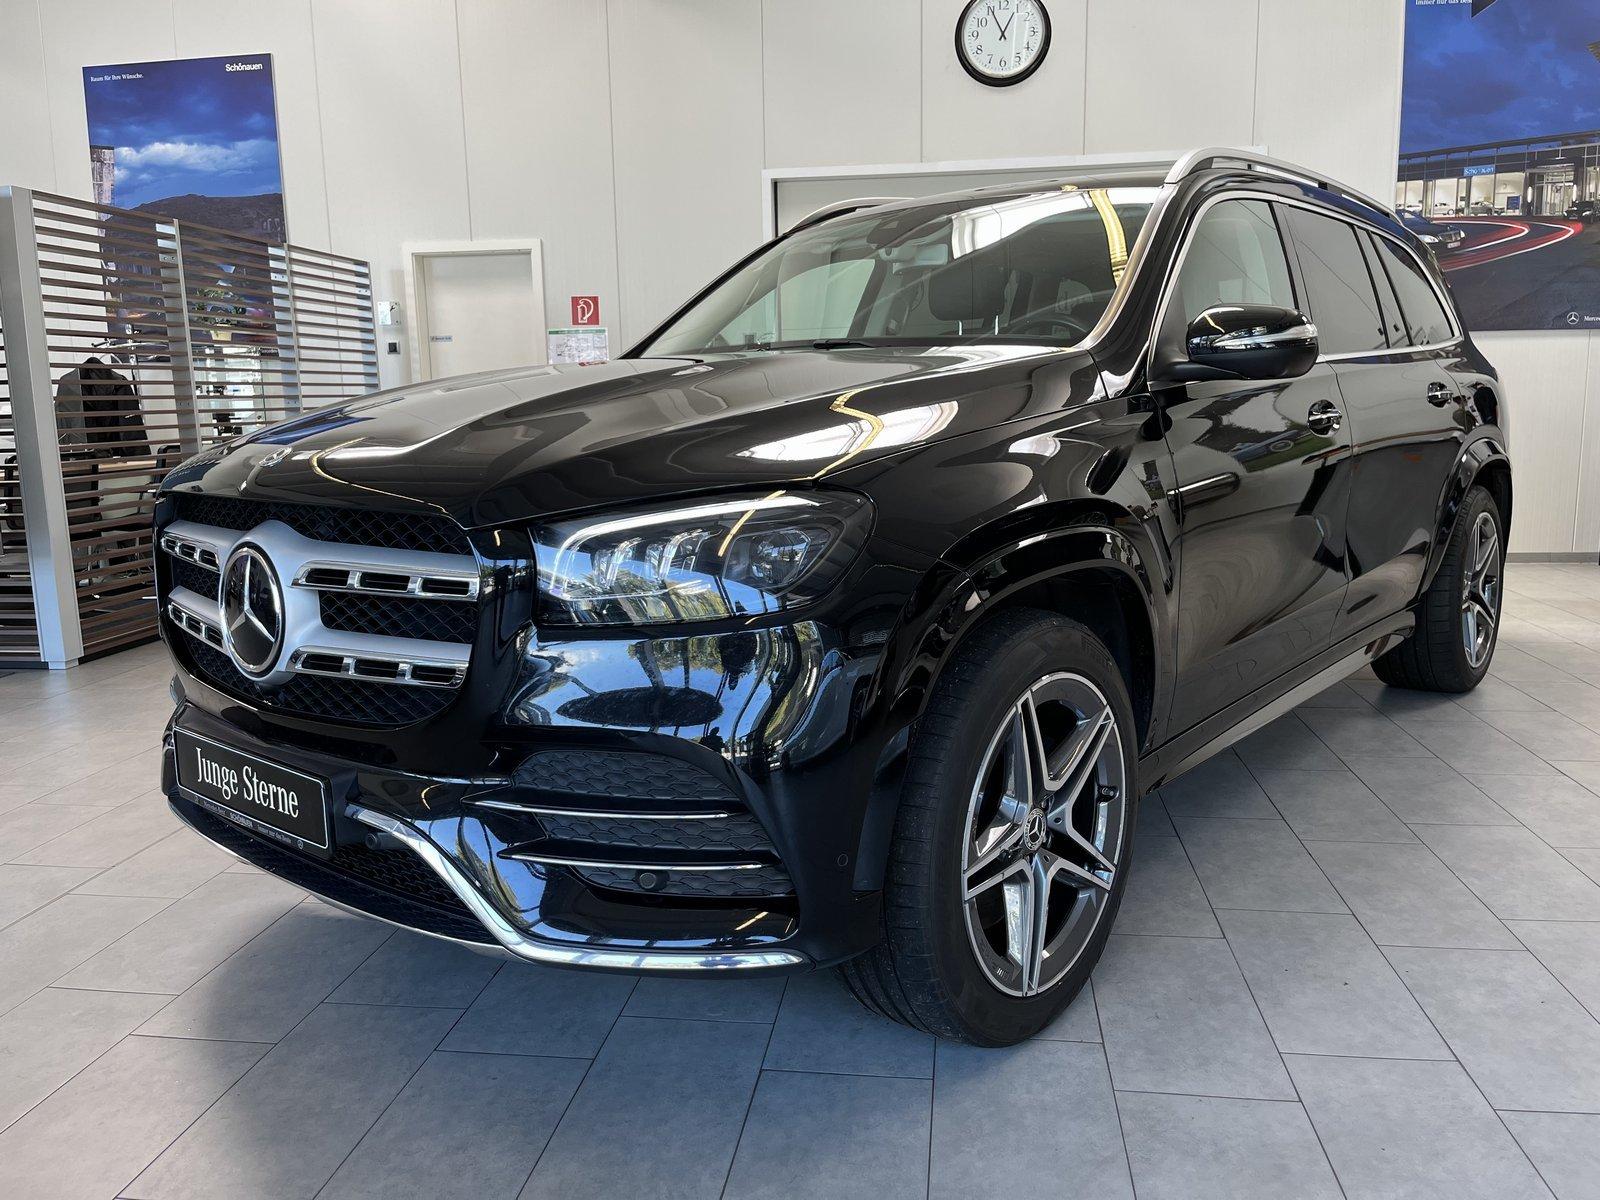 Mercedes-Benz GLS 350d 4M AMG+AIRMATIC+DISTR+AHK+SITZKLIMA+360, Jahr 2020, Diesel